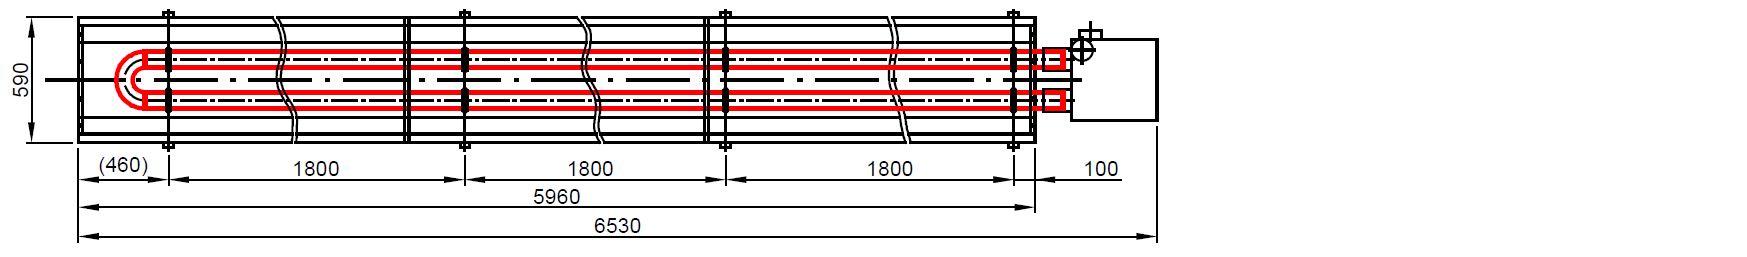 KM-15-U-6m